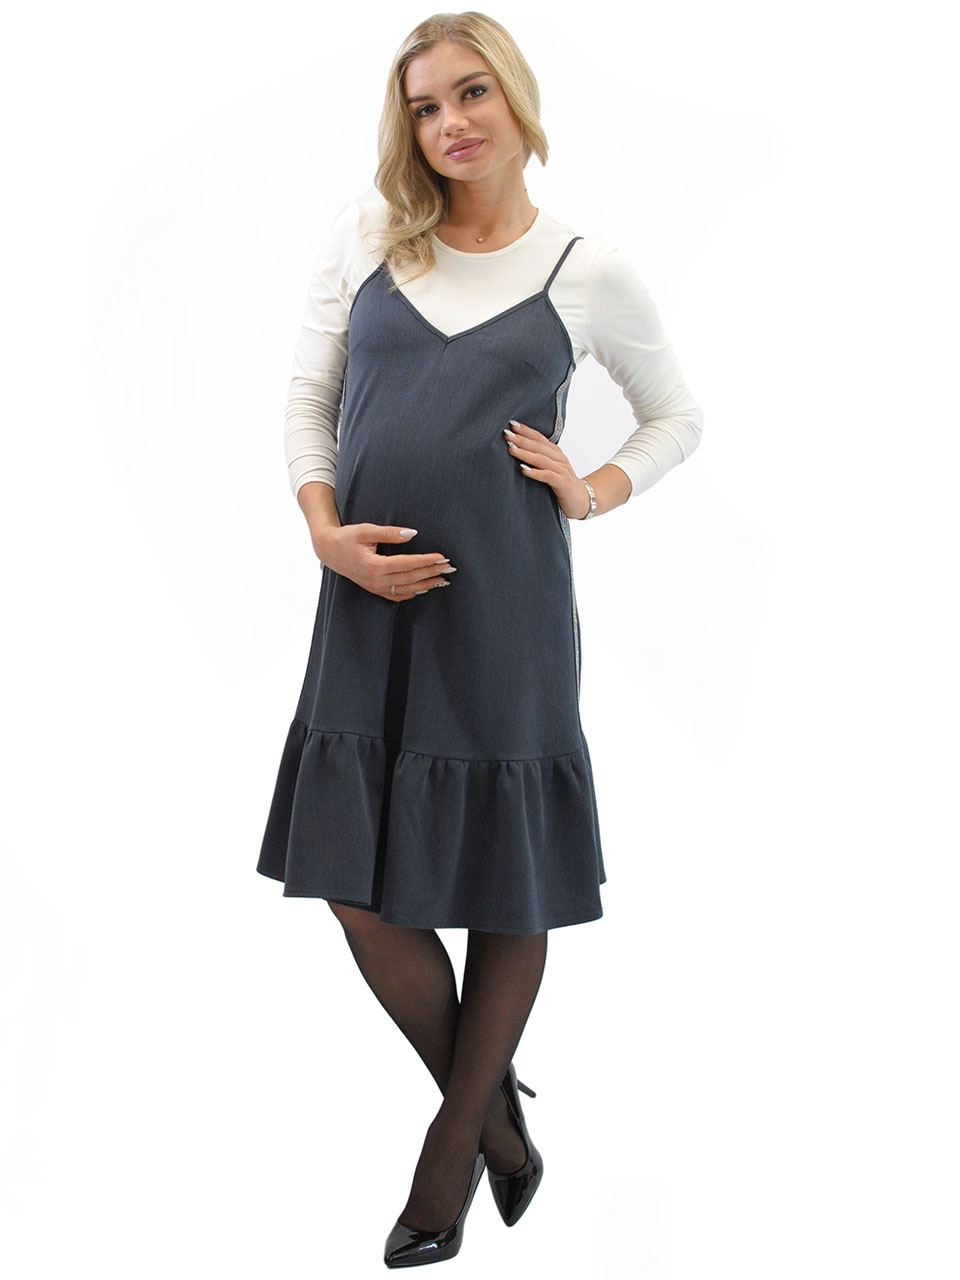 593ddacede9 Сарафан для беременных. Новинка. 1